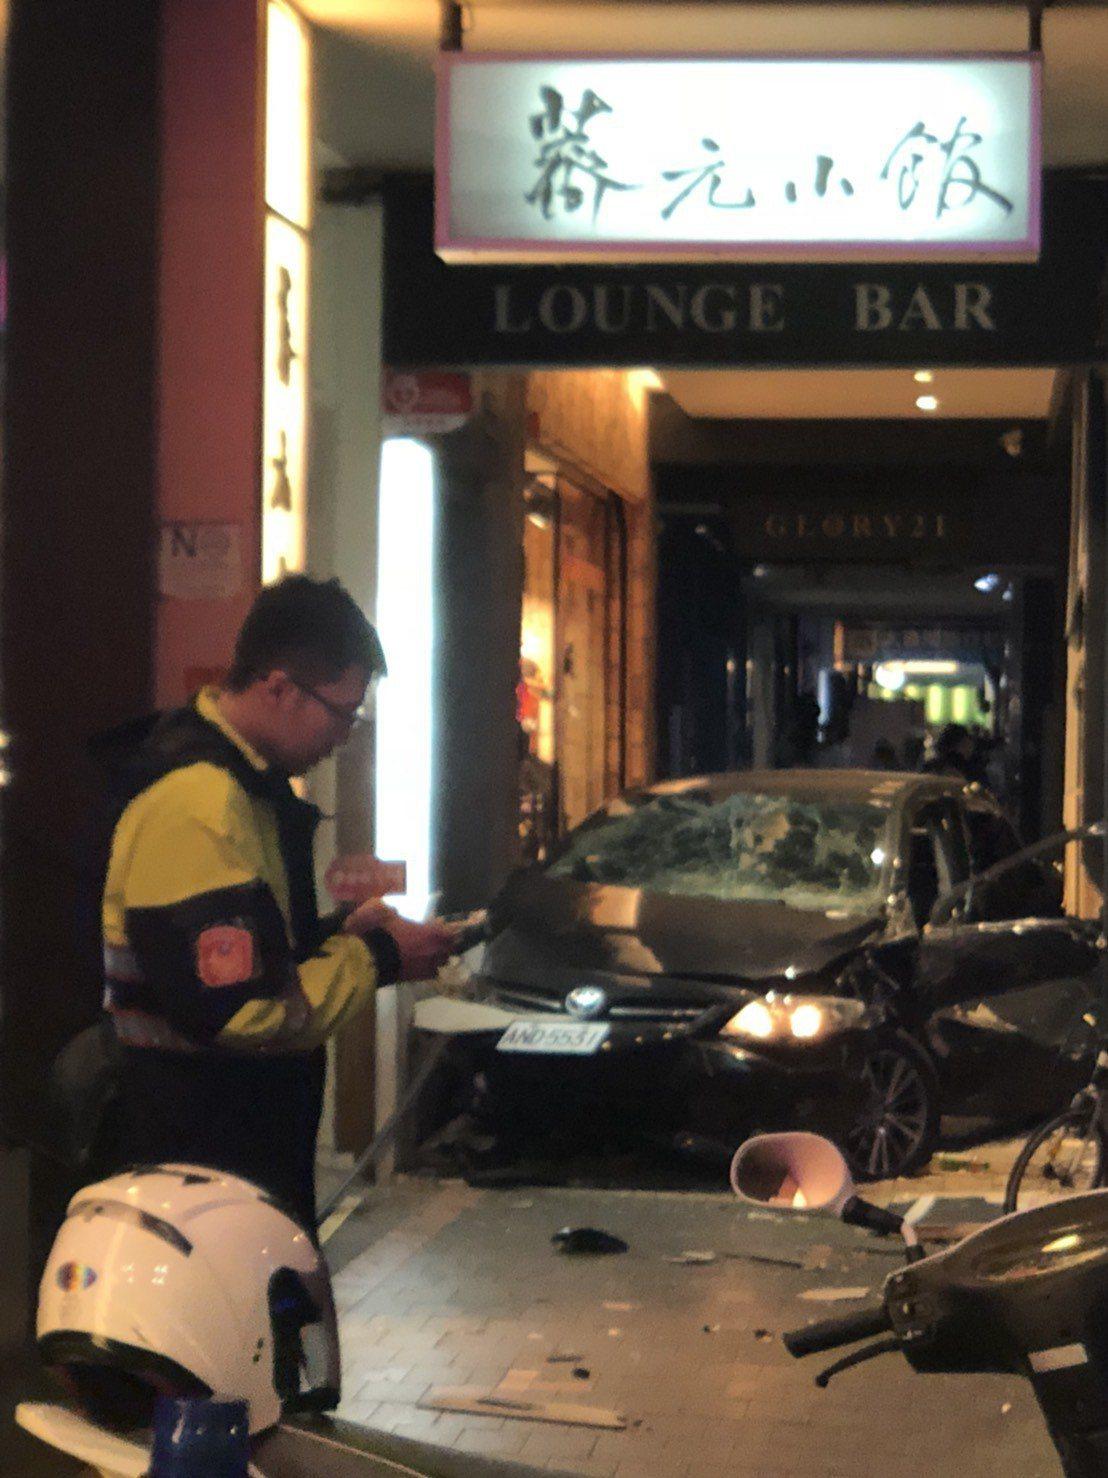 謝姓男子駕駛黑色轎車先撞上藍色資源回收車再撞入騎樓,造成三死。記者李承穎/攝影